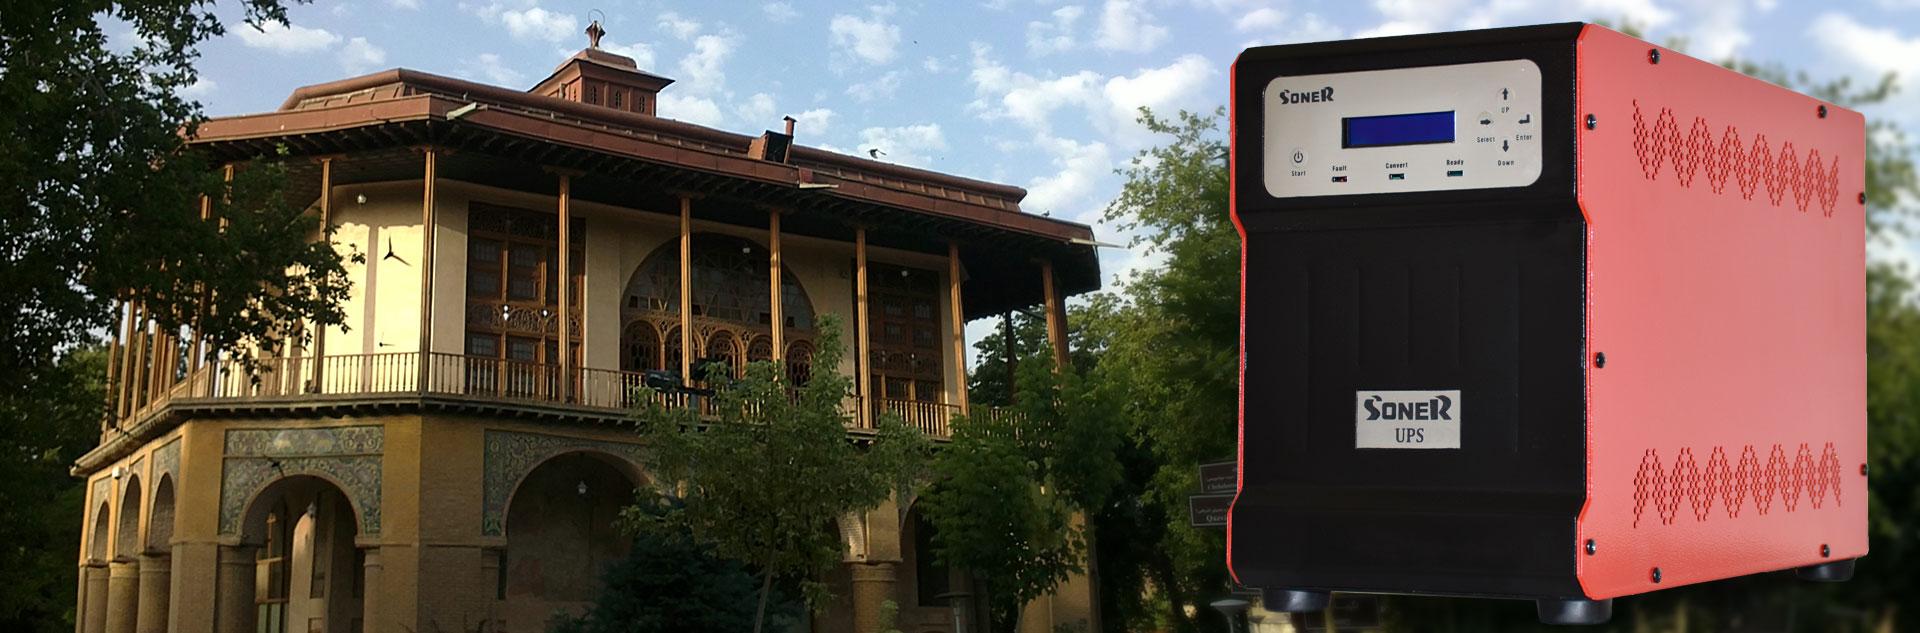 فروش دستگاه یو پی اس ایرانی سونر در قزوین